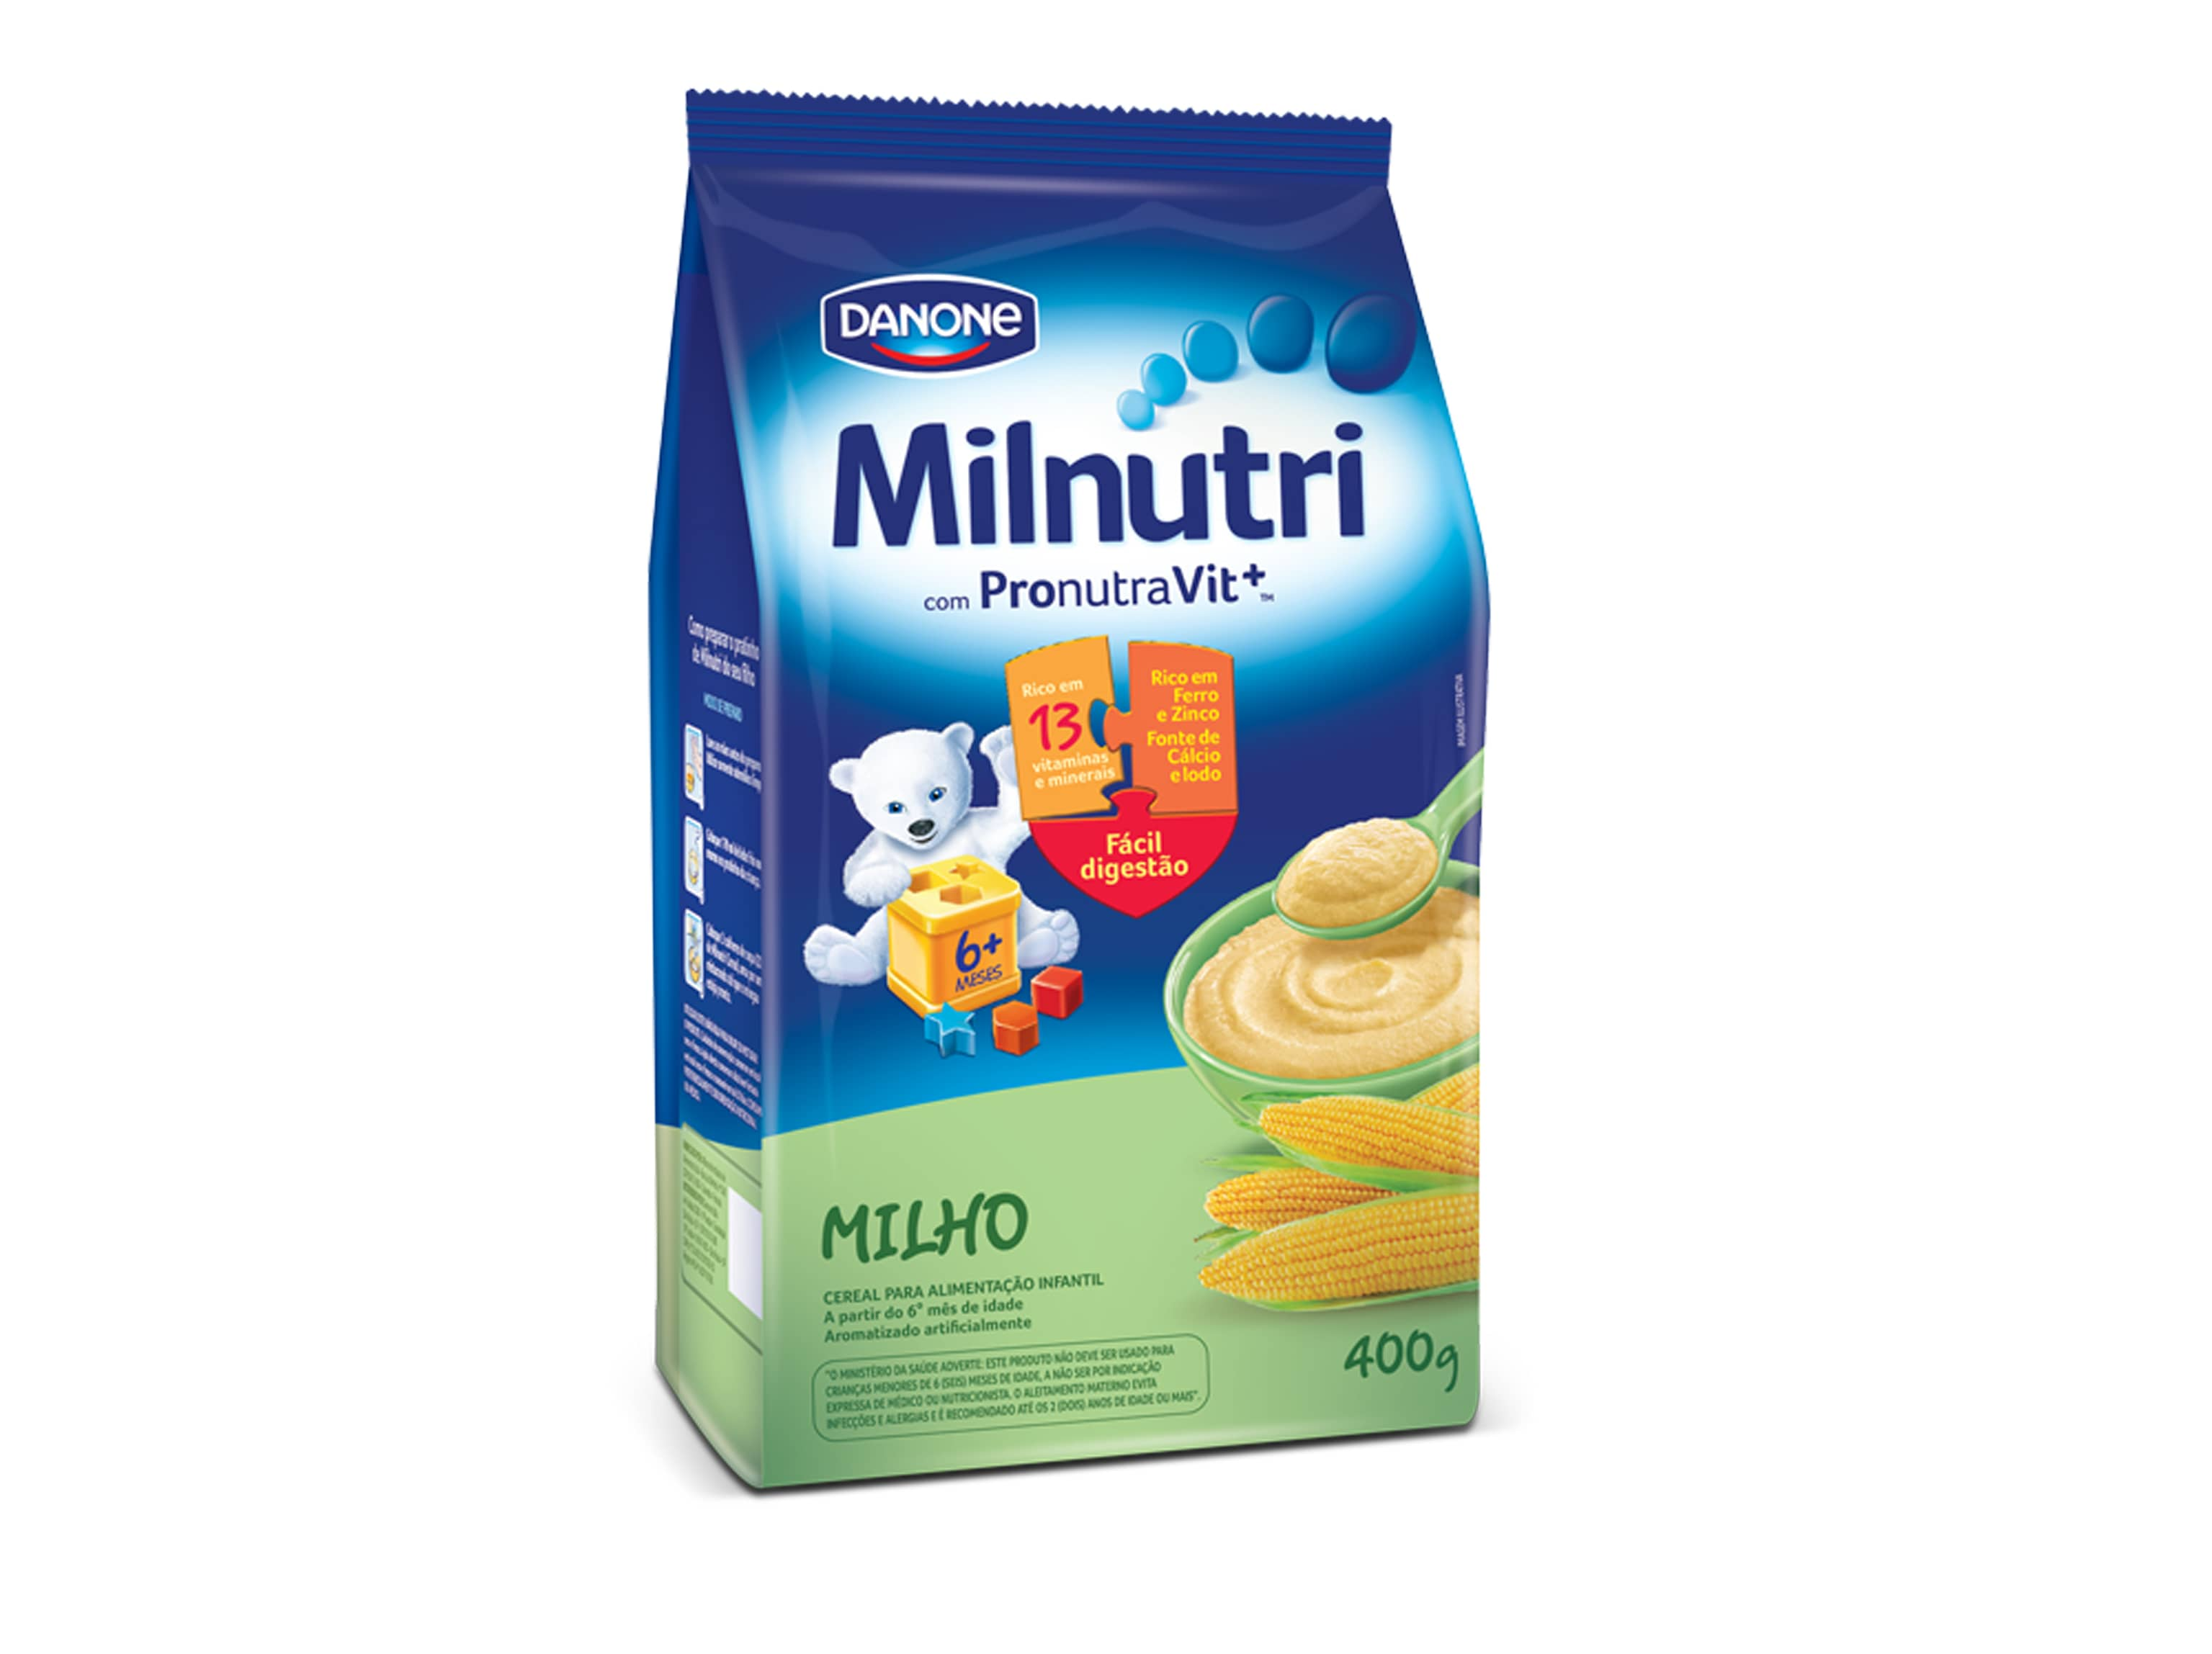 MOCKUP-MILNUTRI-MILHO-400G